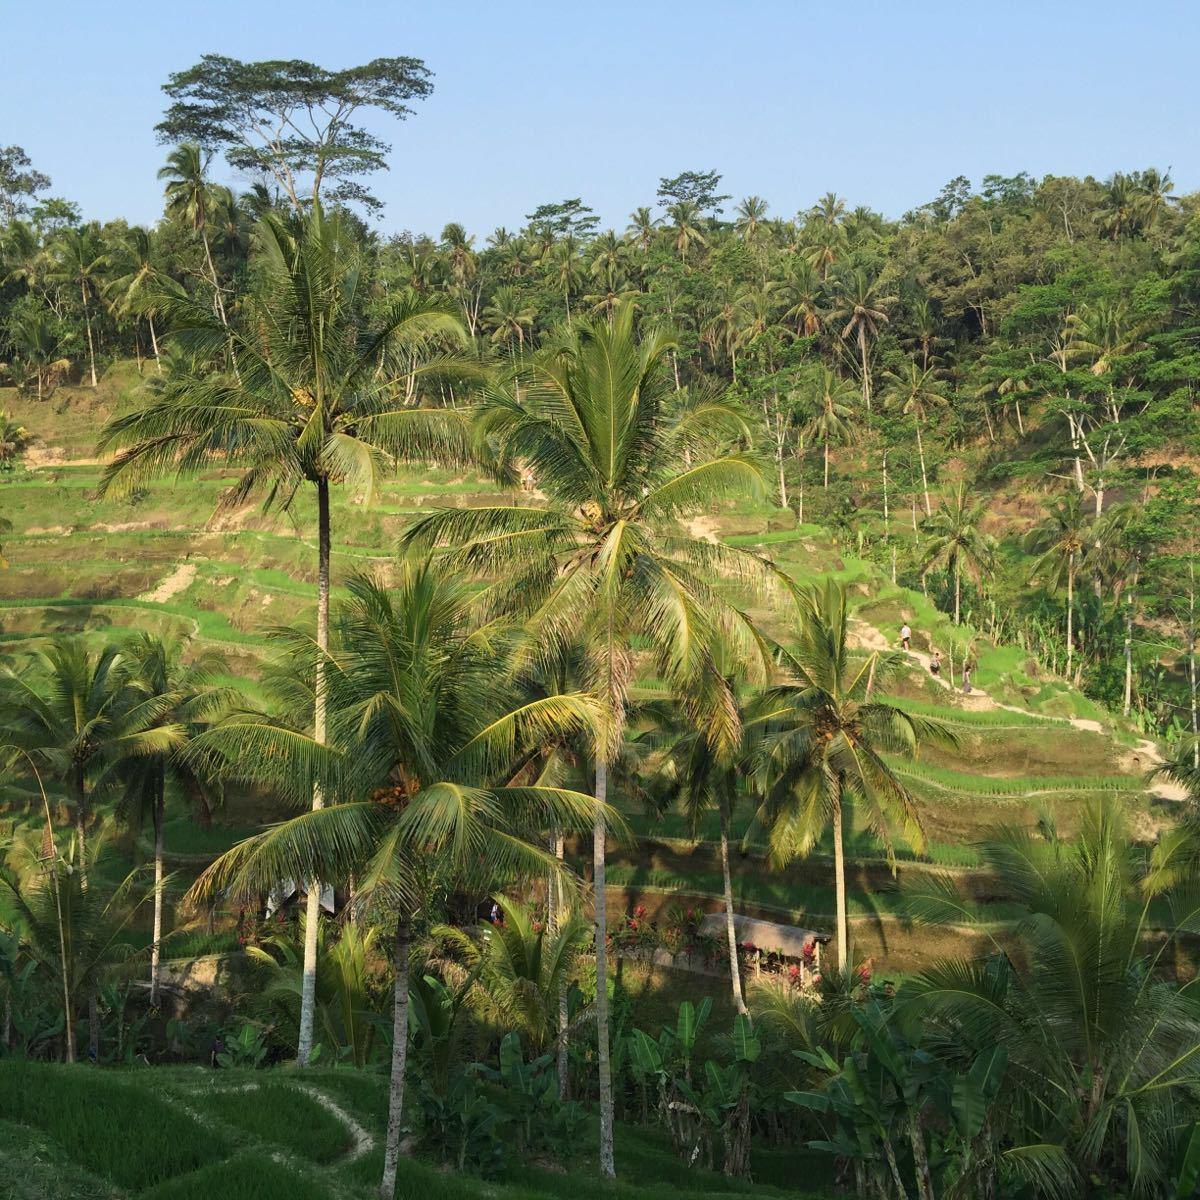 【携程攻略】巴厘岛德格拉朗梯田景点,很好看,喝着茶